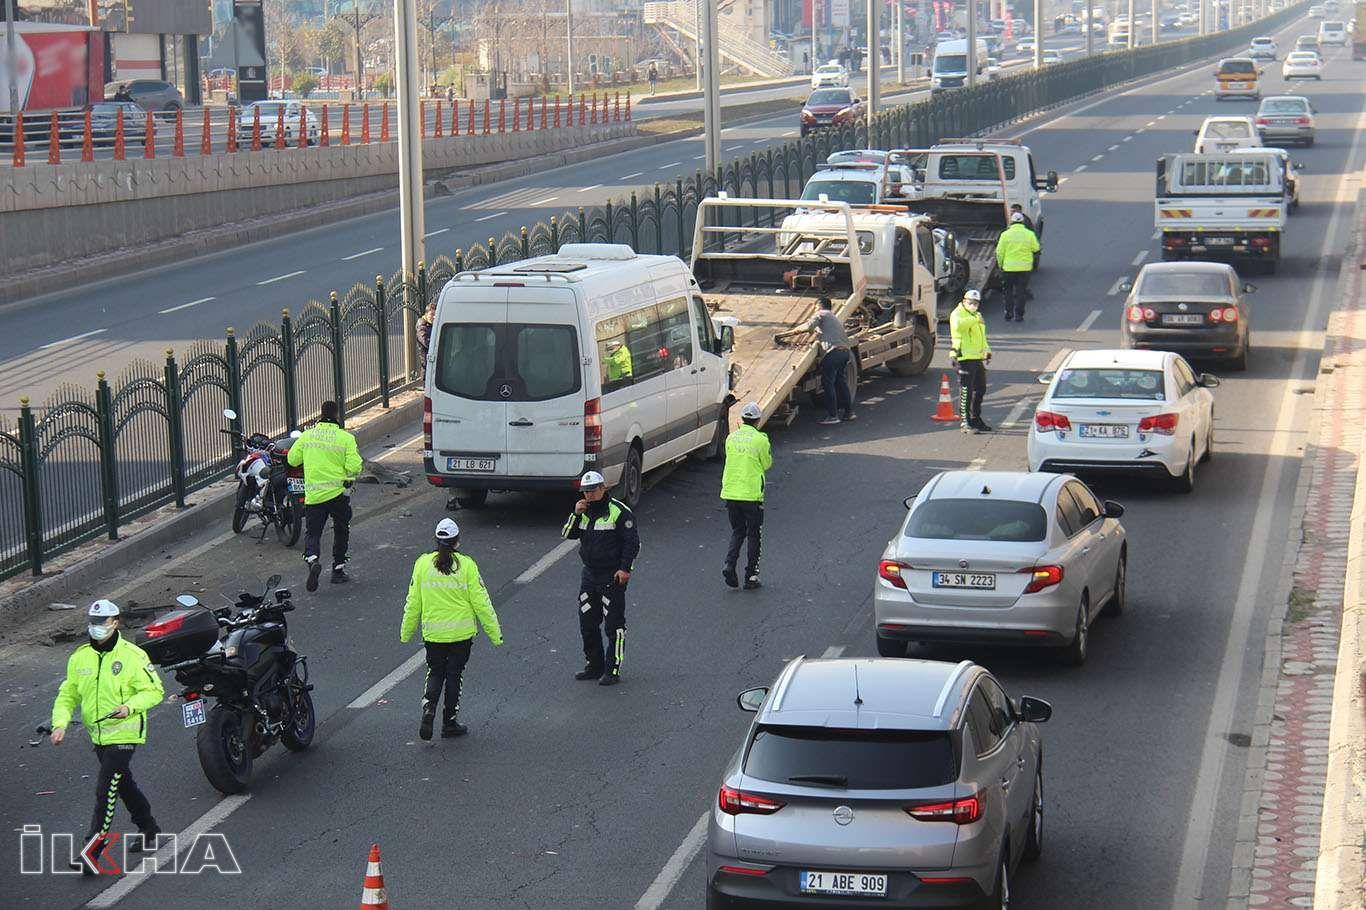 Motosiklete çarpmamak için bariyere vuran otomobil, zincirleme trafik kazasına yol açtı